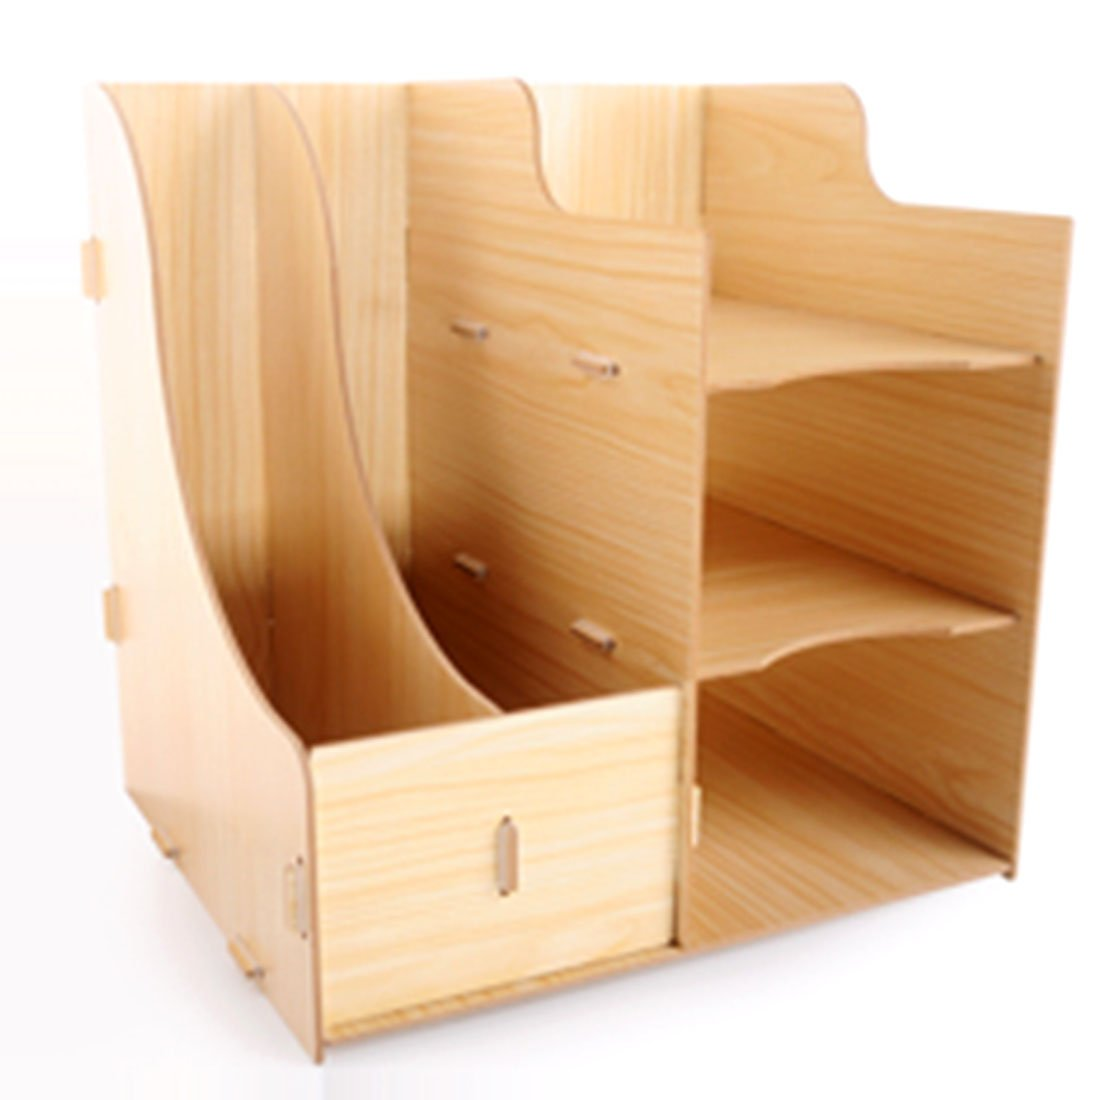 mrke DIY legno scatole libro scrivania storage rack Organizer forniture per ufficio rivista rack, colore rovere 28,7 * 24 * 30 cm Eiche Farbe